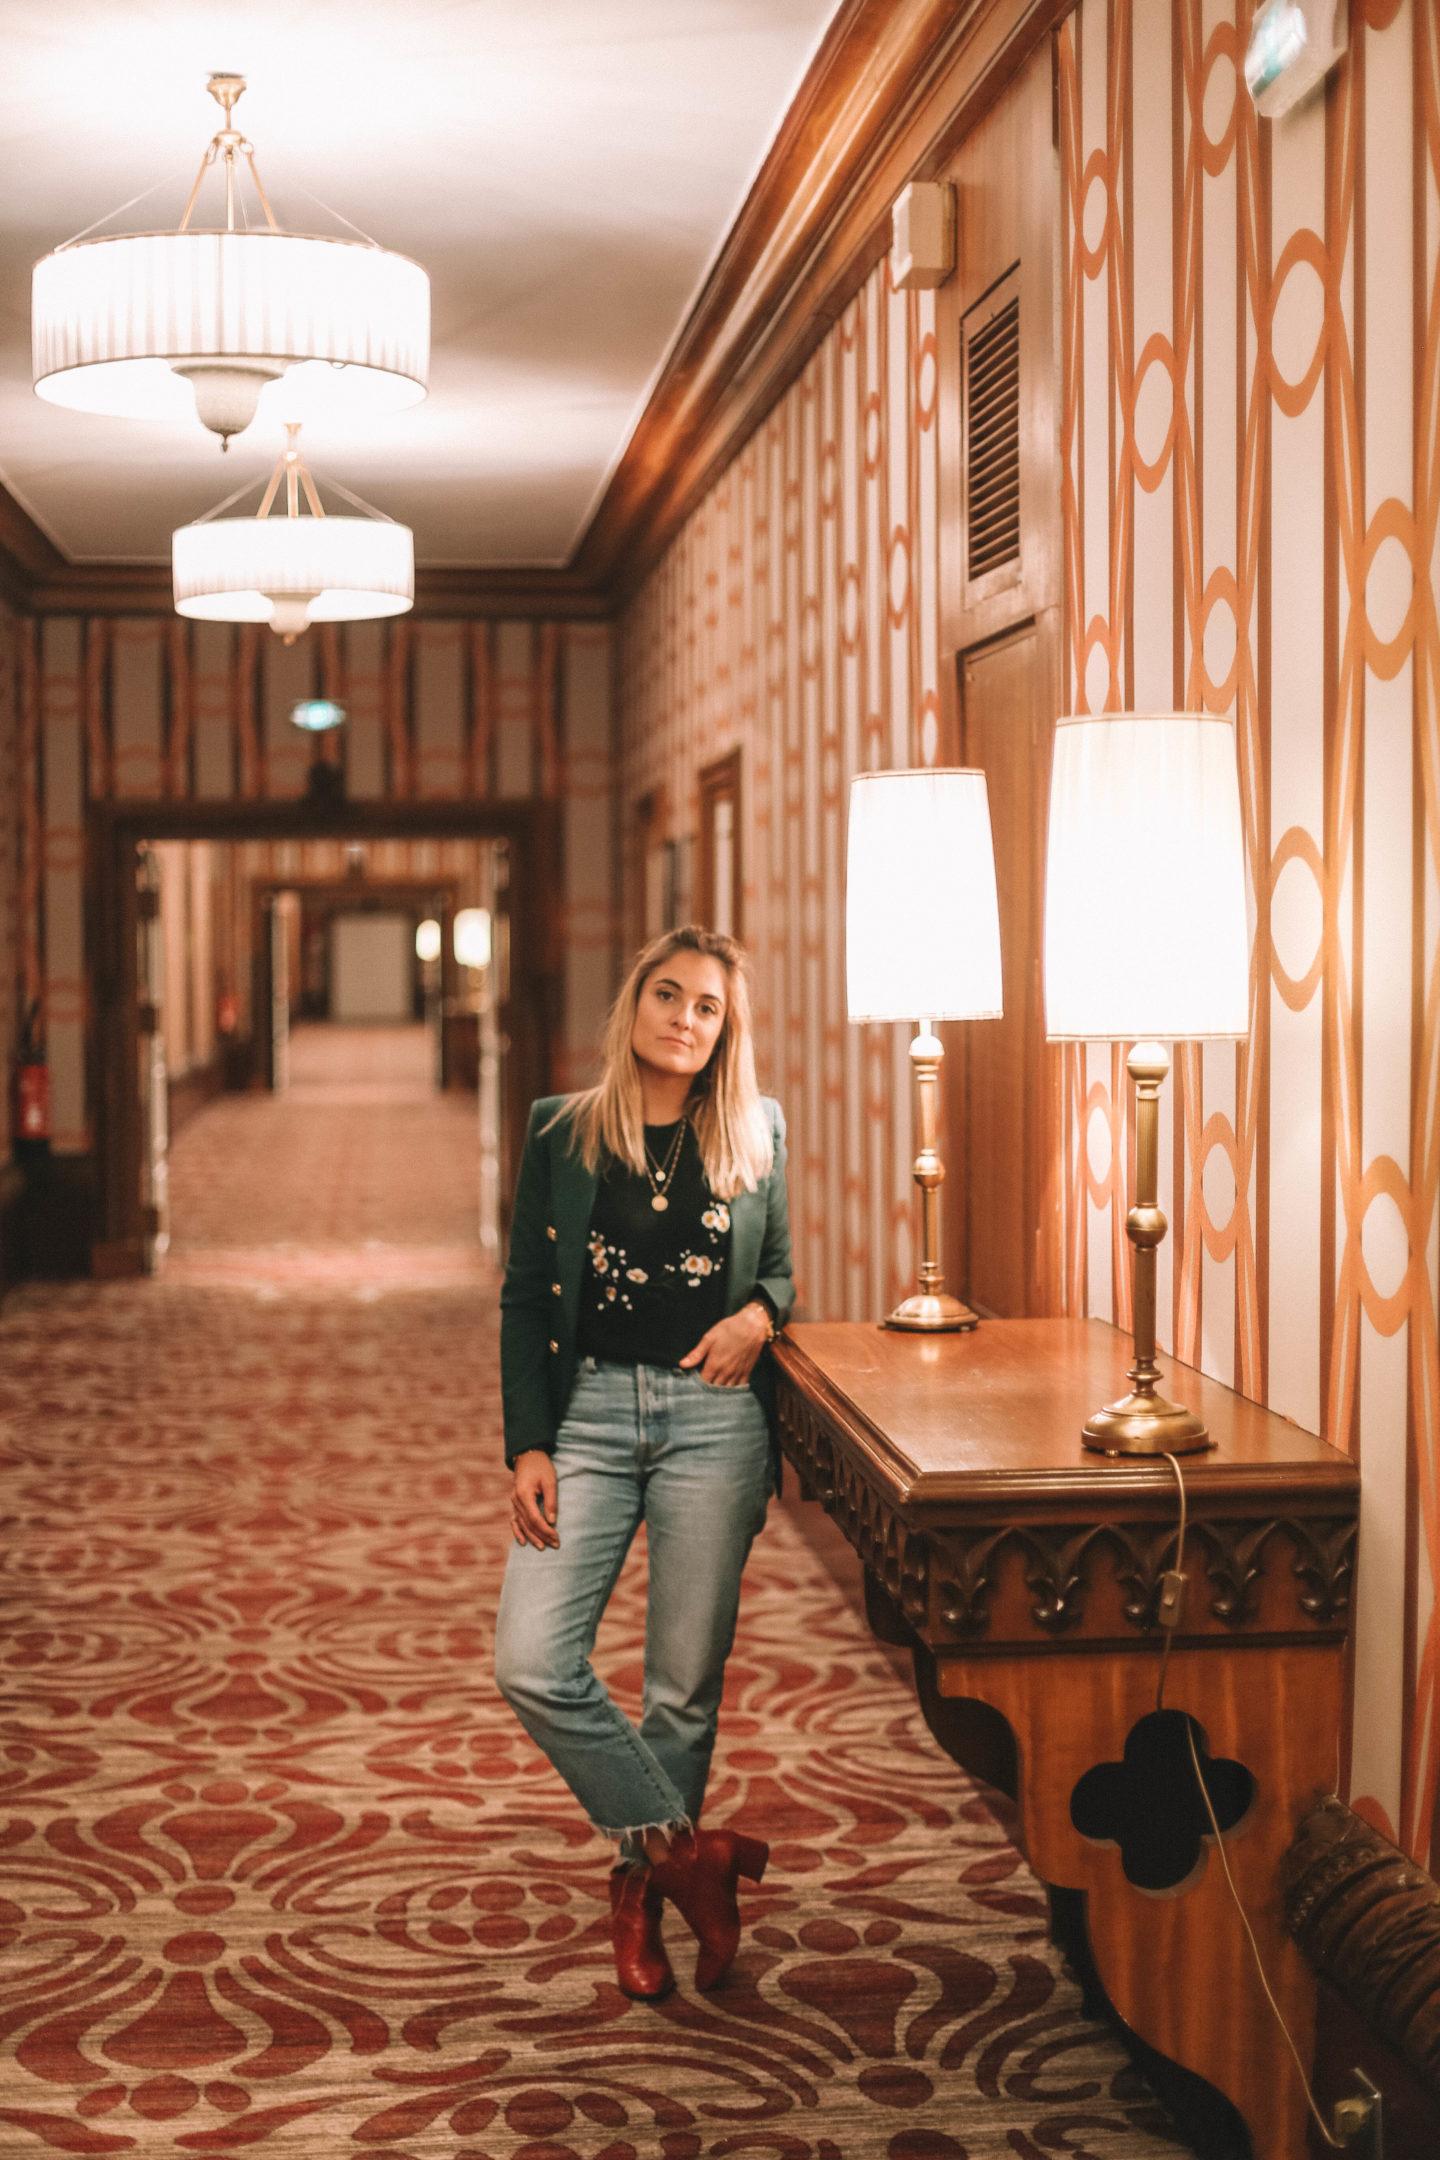 Hôtel Deauville Normandy Barrière - Blondie Baby blog mode et voyages